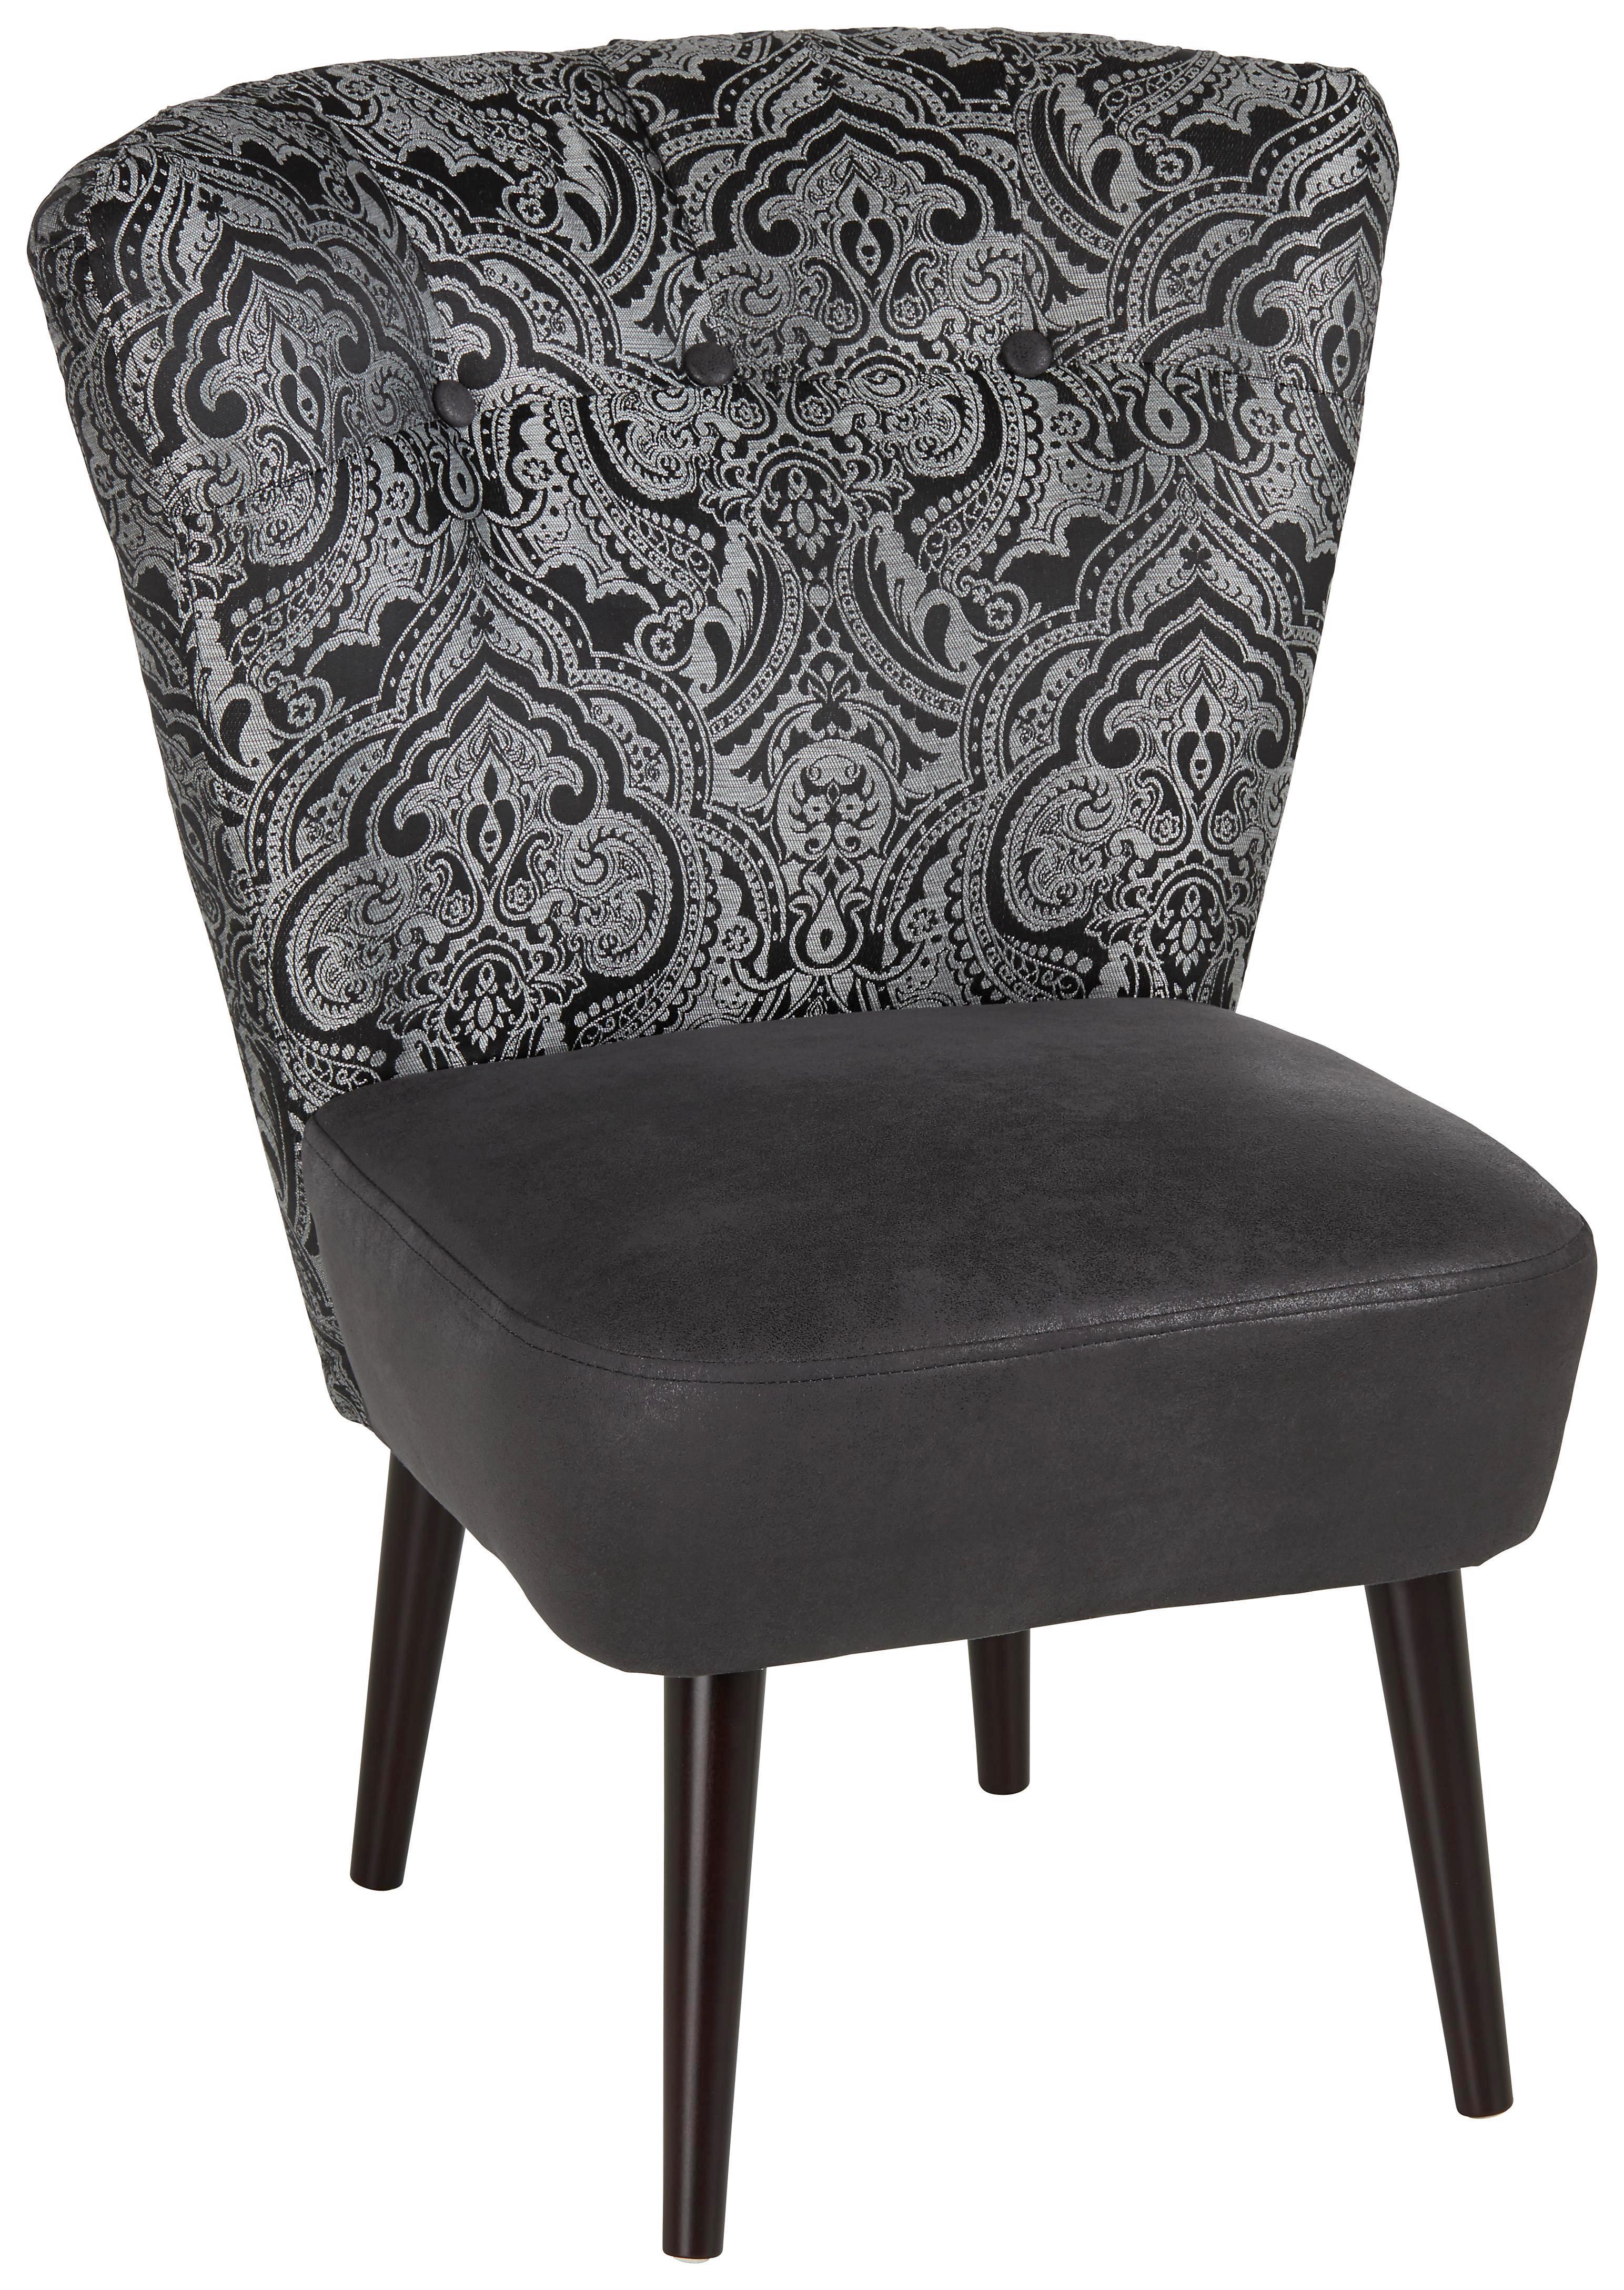 sessel modern great sessel modern with sessel modern. Black Bedroom Furniture Sets. Home Design Ideas